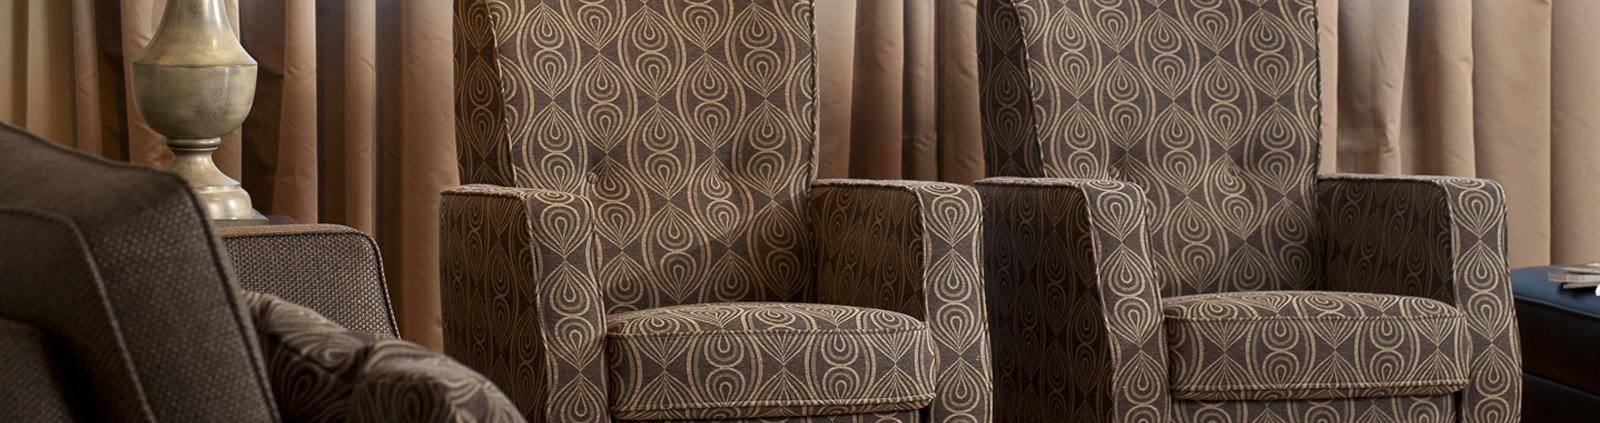 Klassieke fauteuils Banner Image